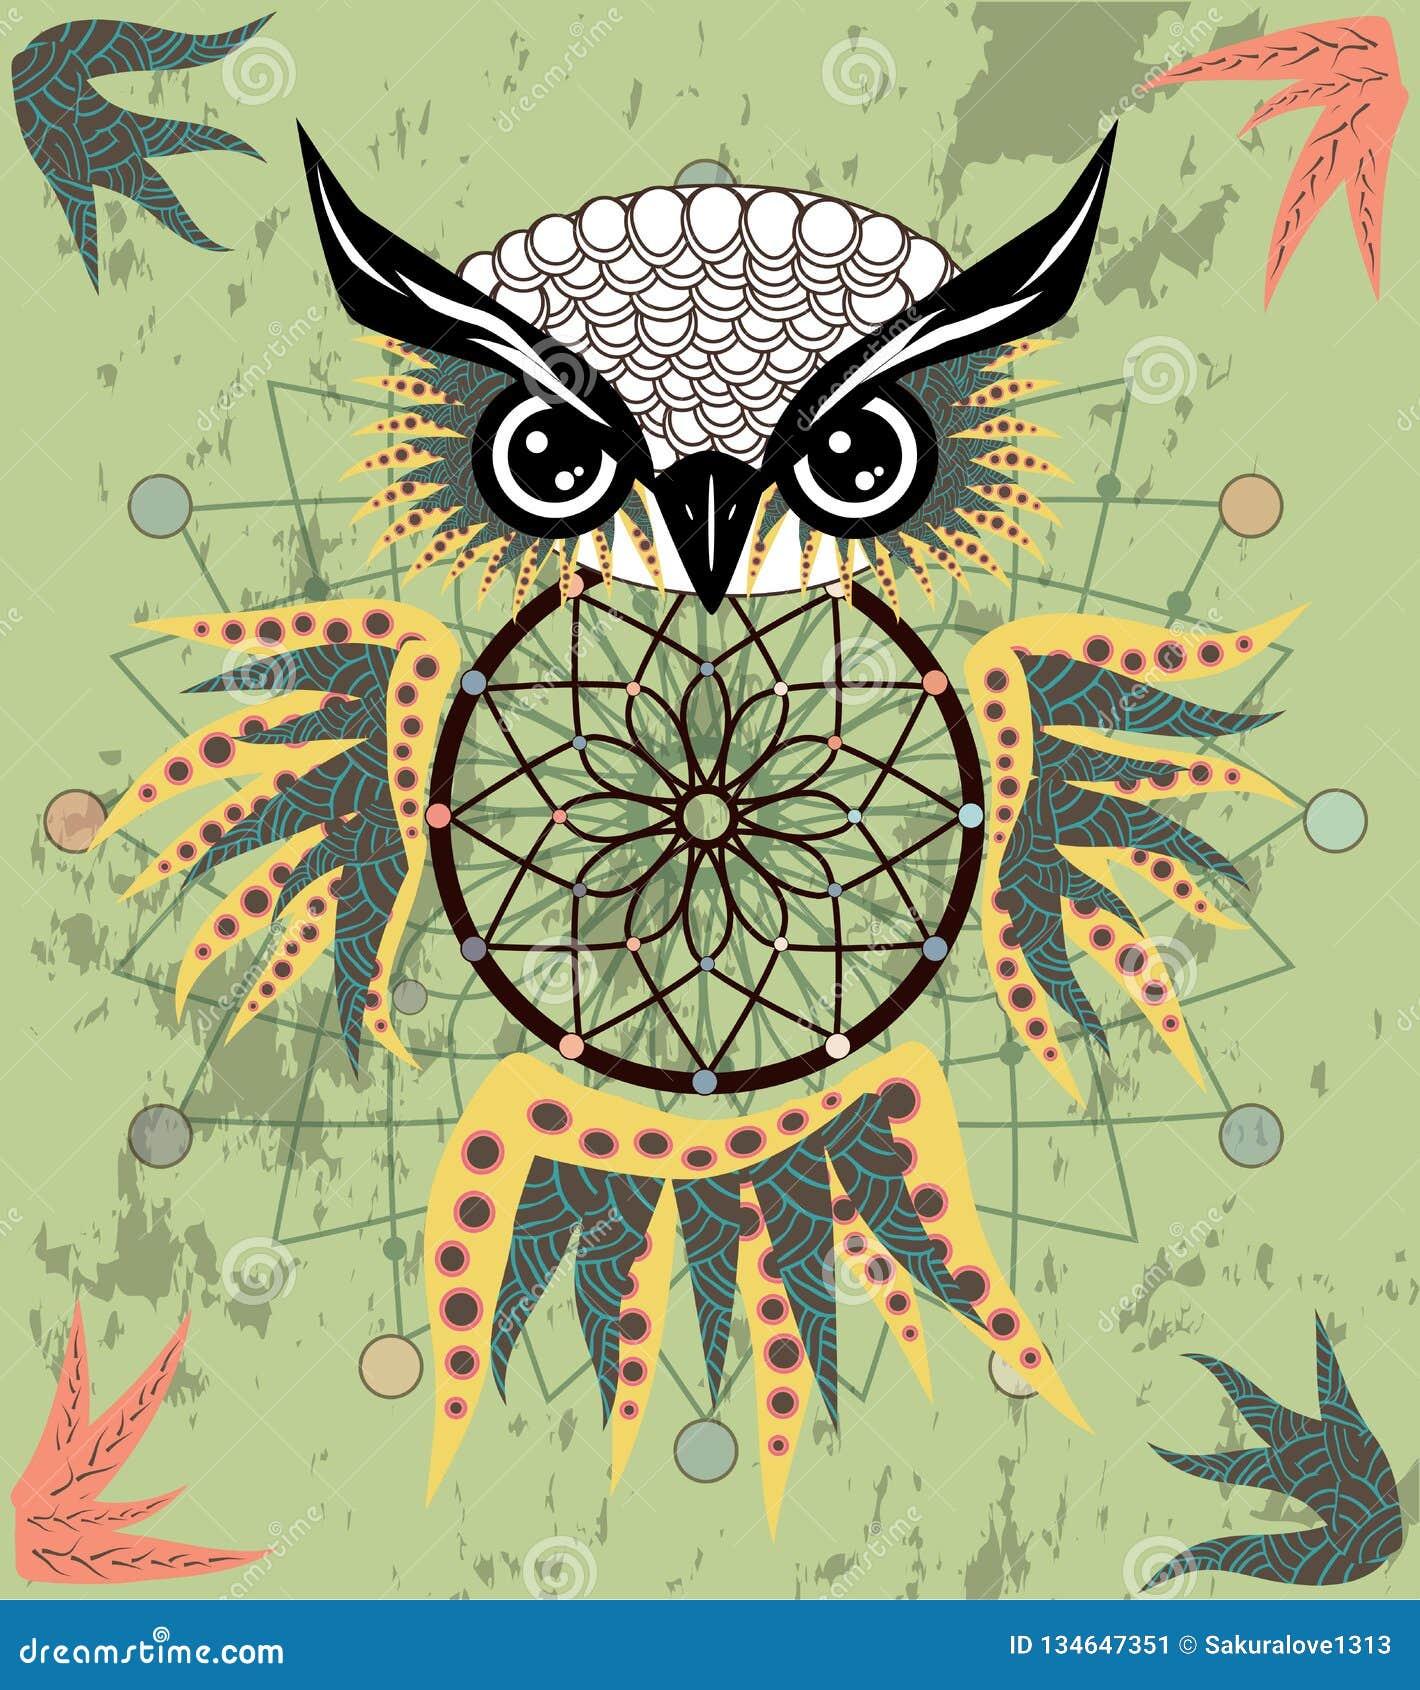 Gufo di sogno decorativo indiano del collettore nello stile grafico Illustrazione